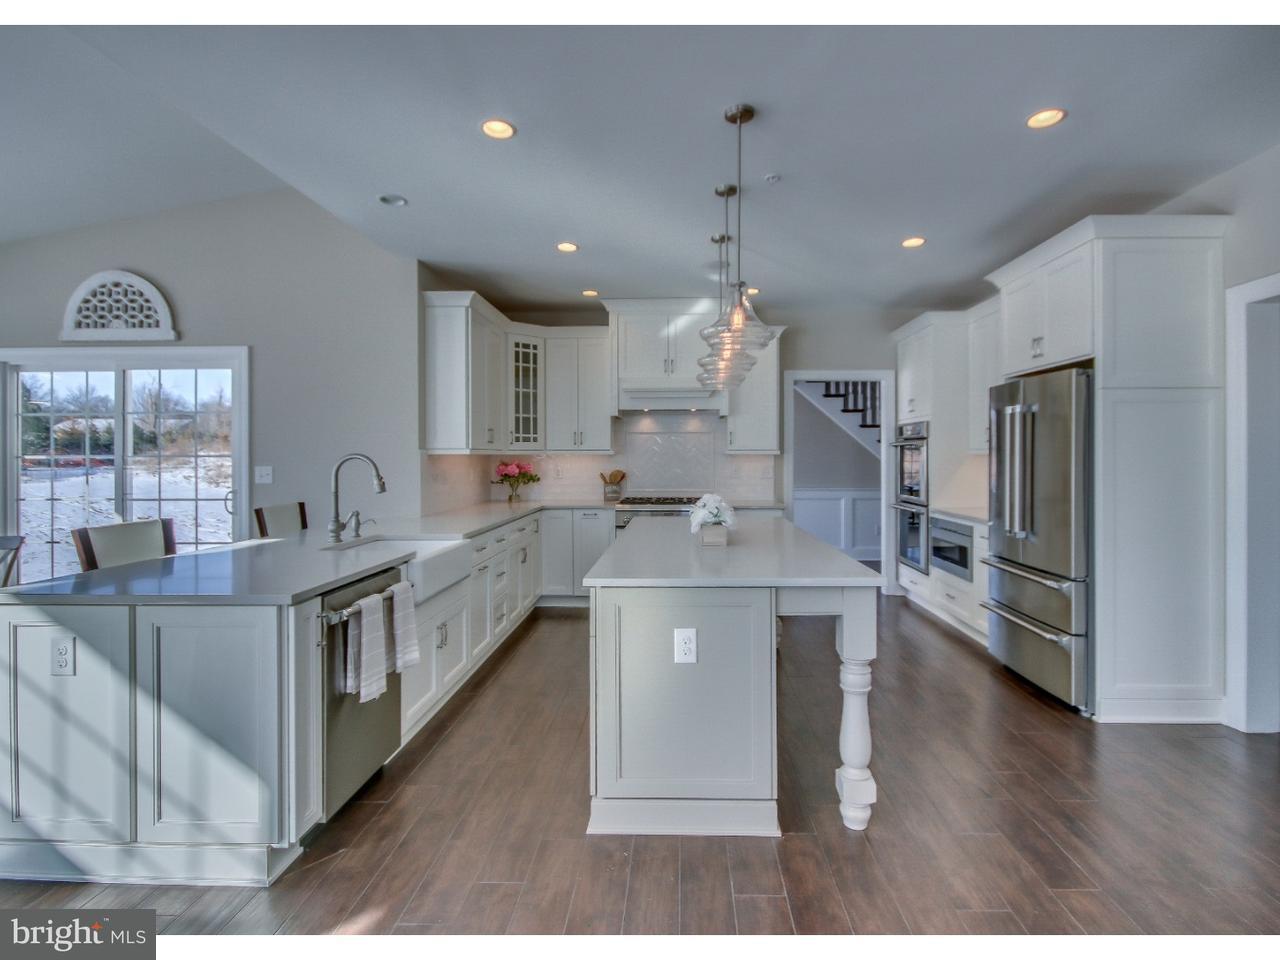 Частный односемейный дом для того Продажа на LOT #3 BENNETT Lane Wrightstown, Пенсильвания 18966 Соединенные Штаты